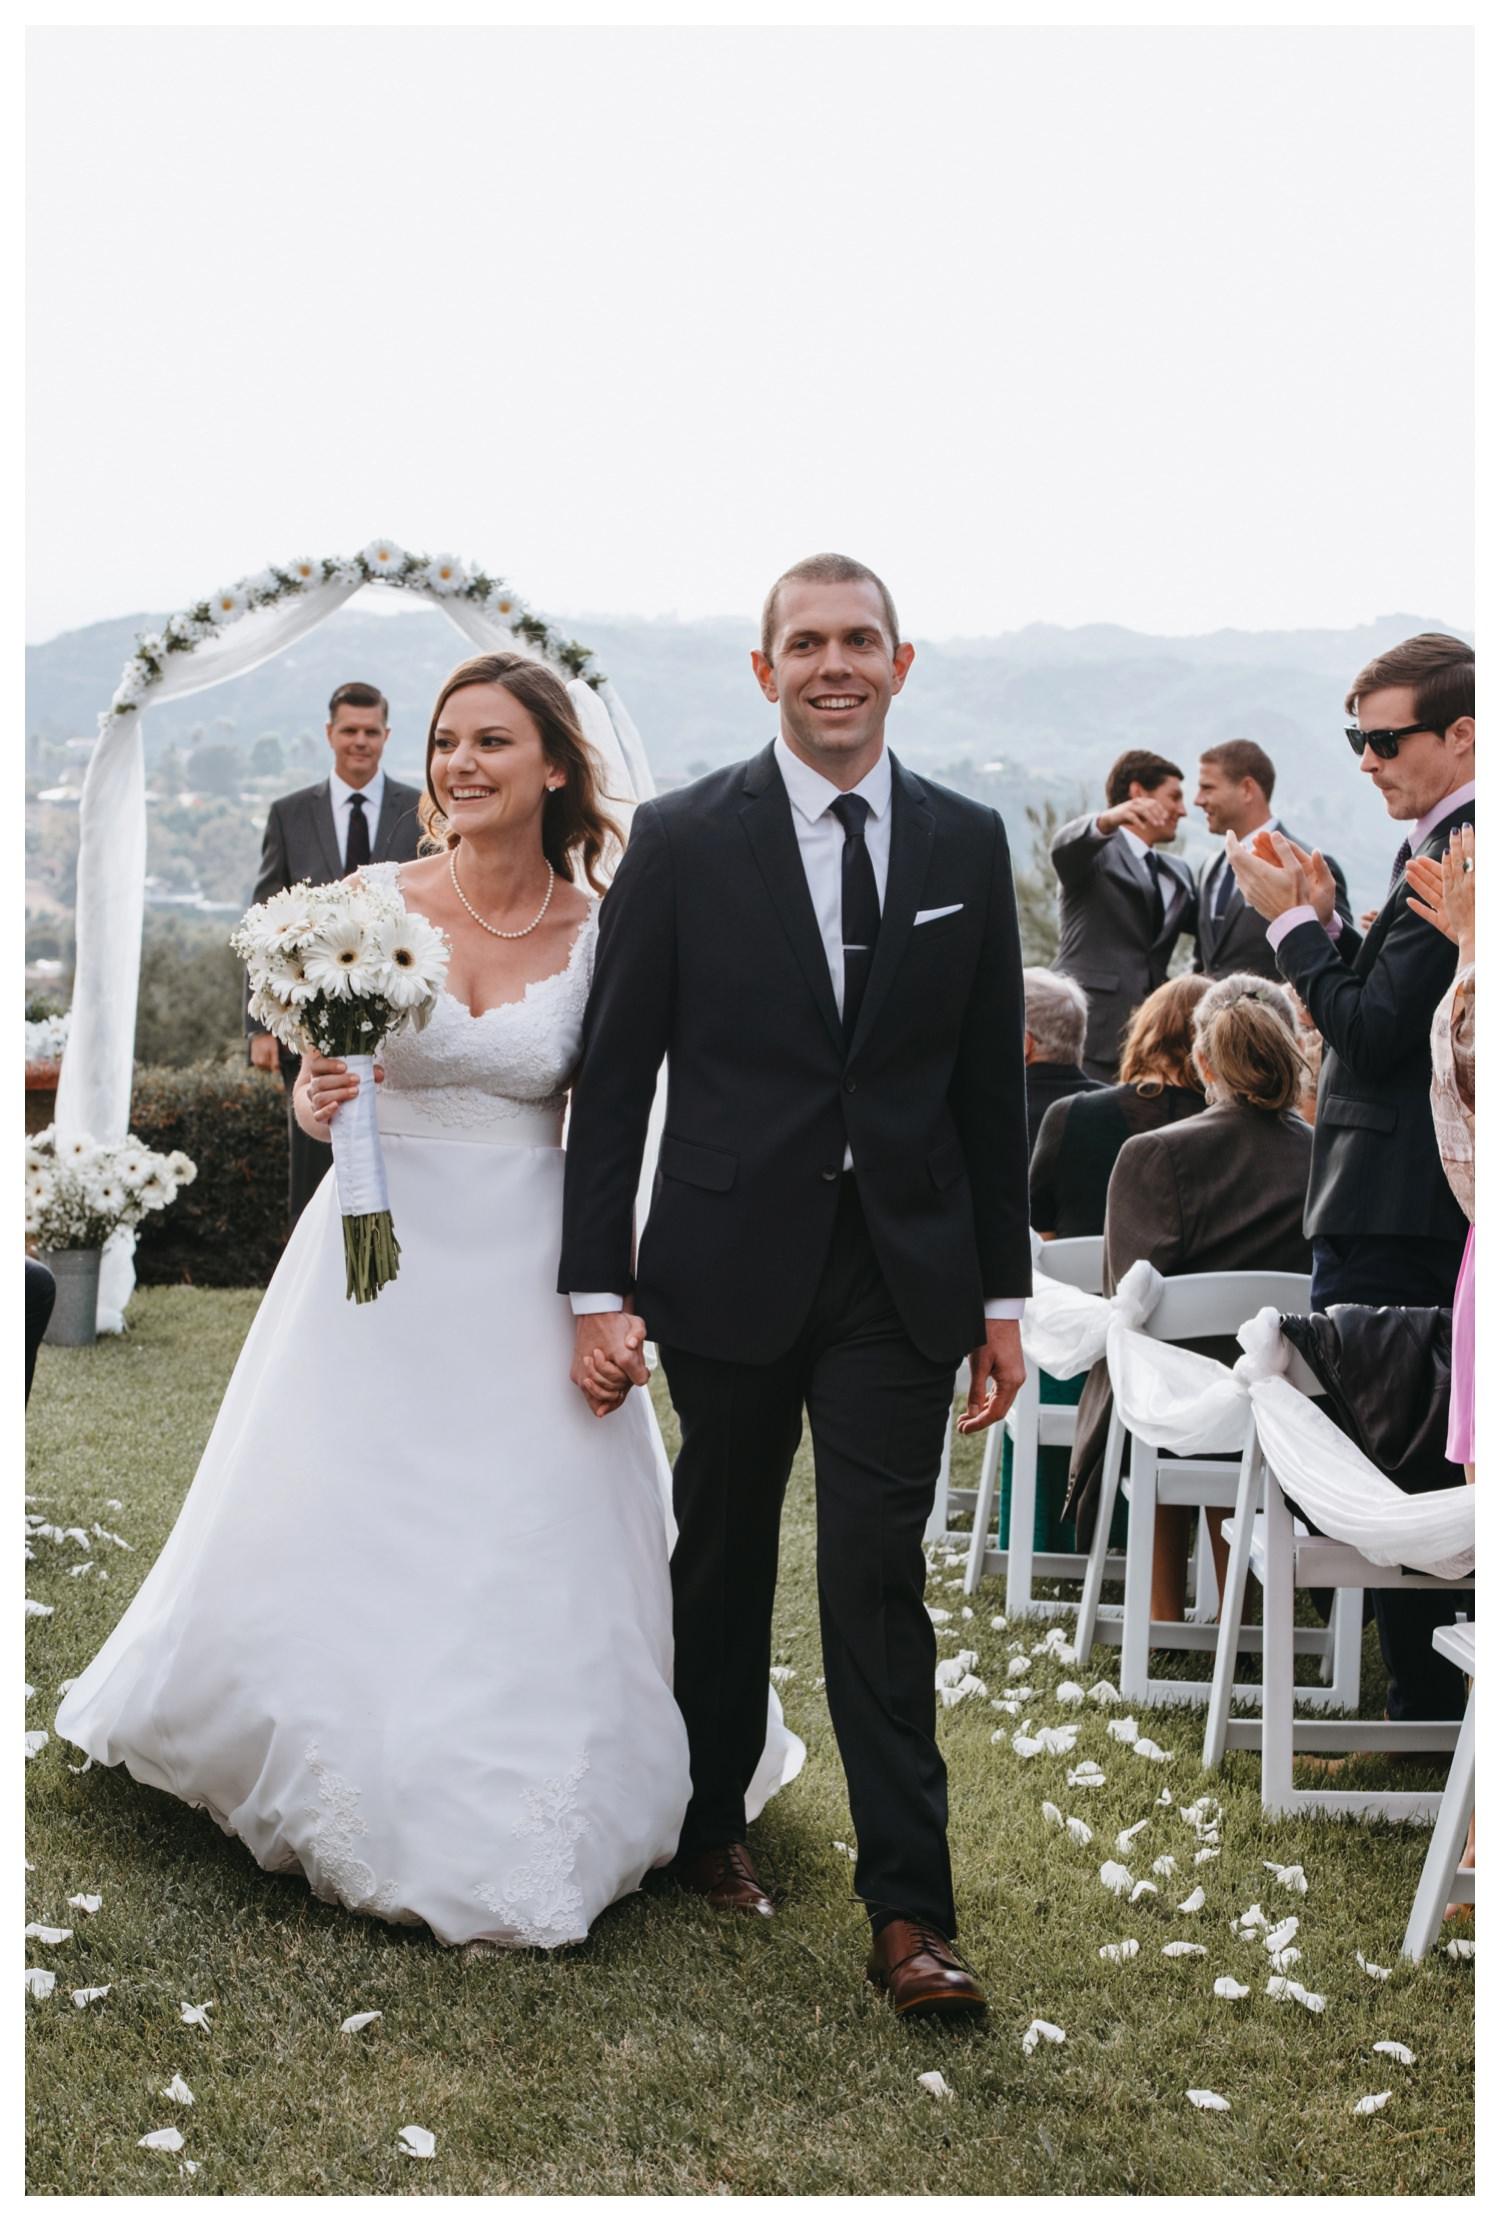 TheSinglers_WeddingPhotography_FallbrookWedding_0132.jpg